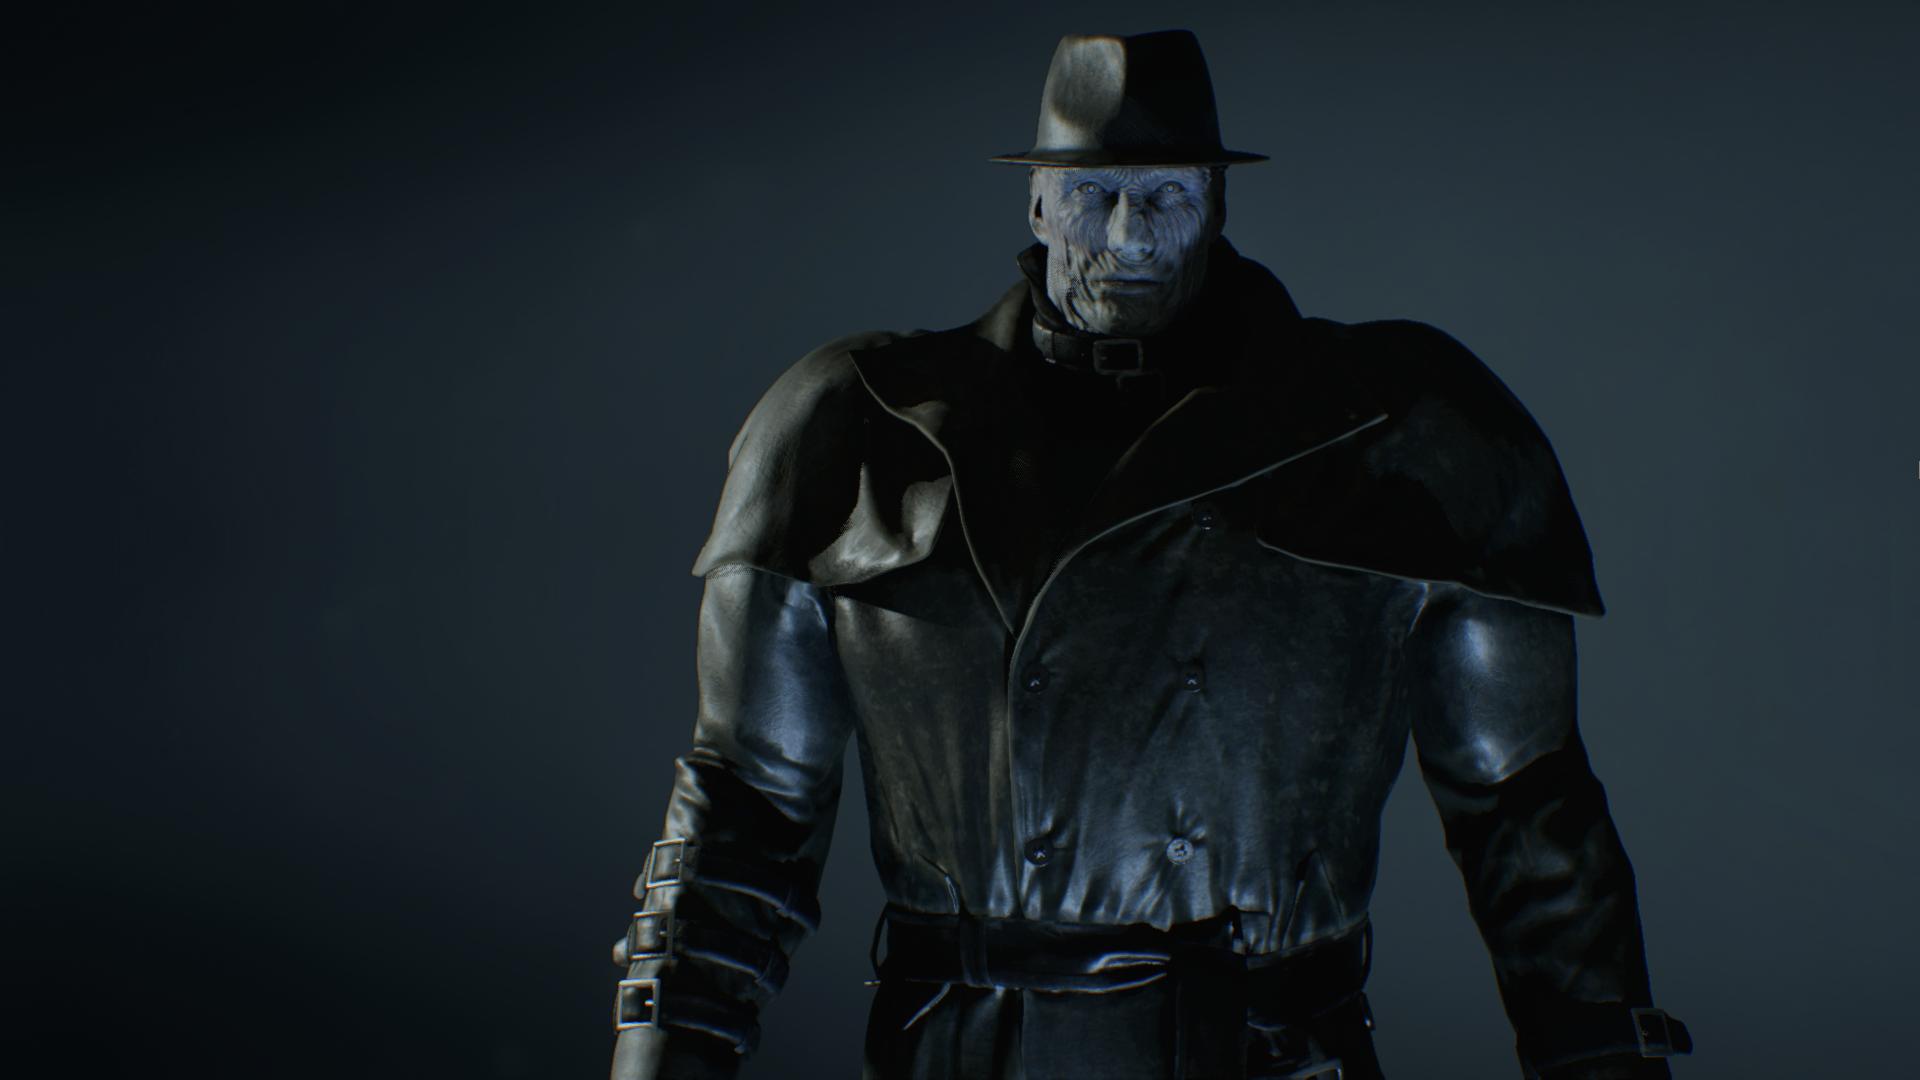 tyrant resident evil 2 remake